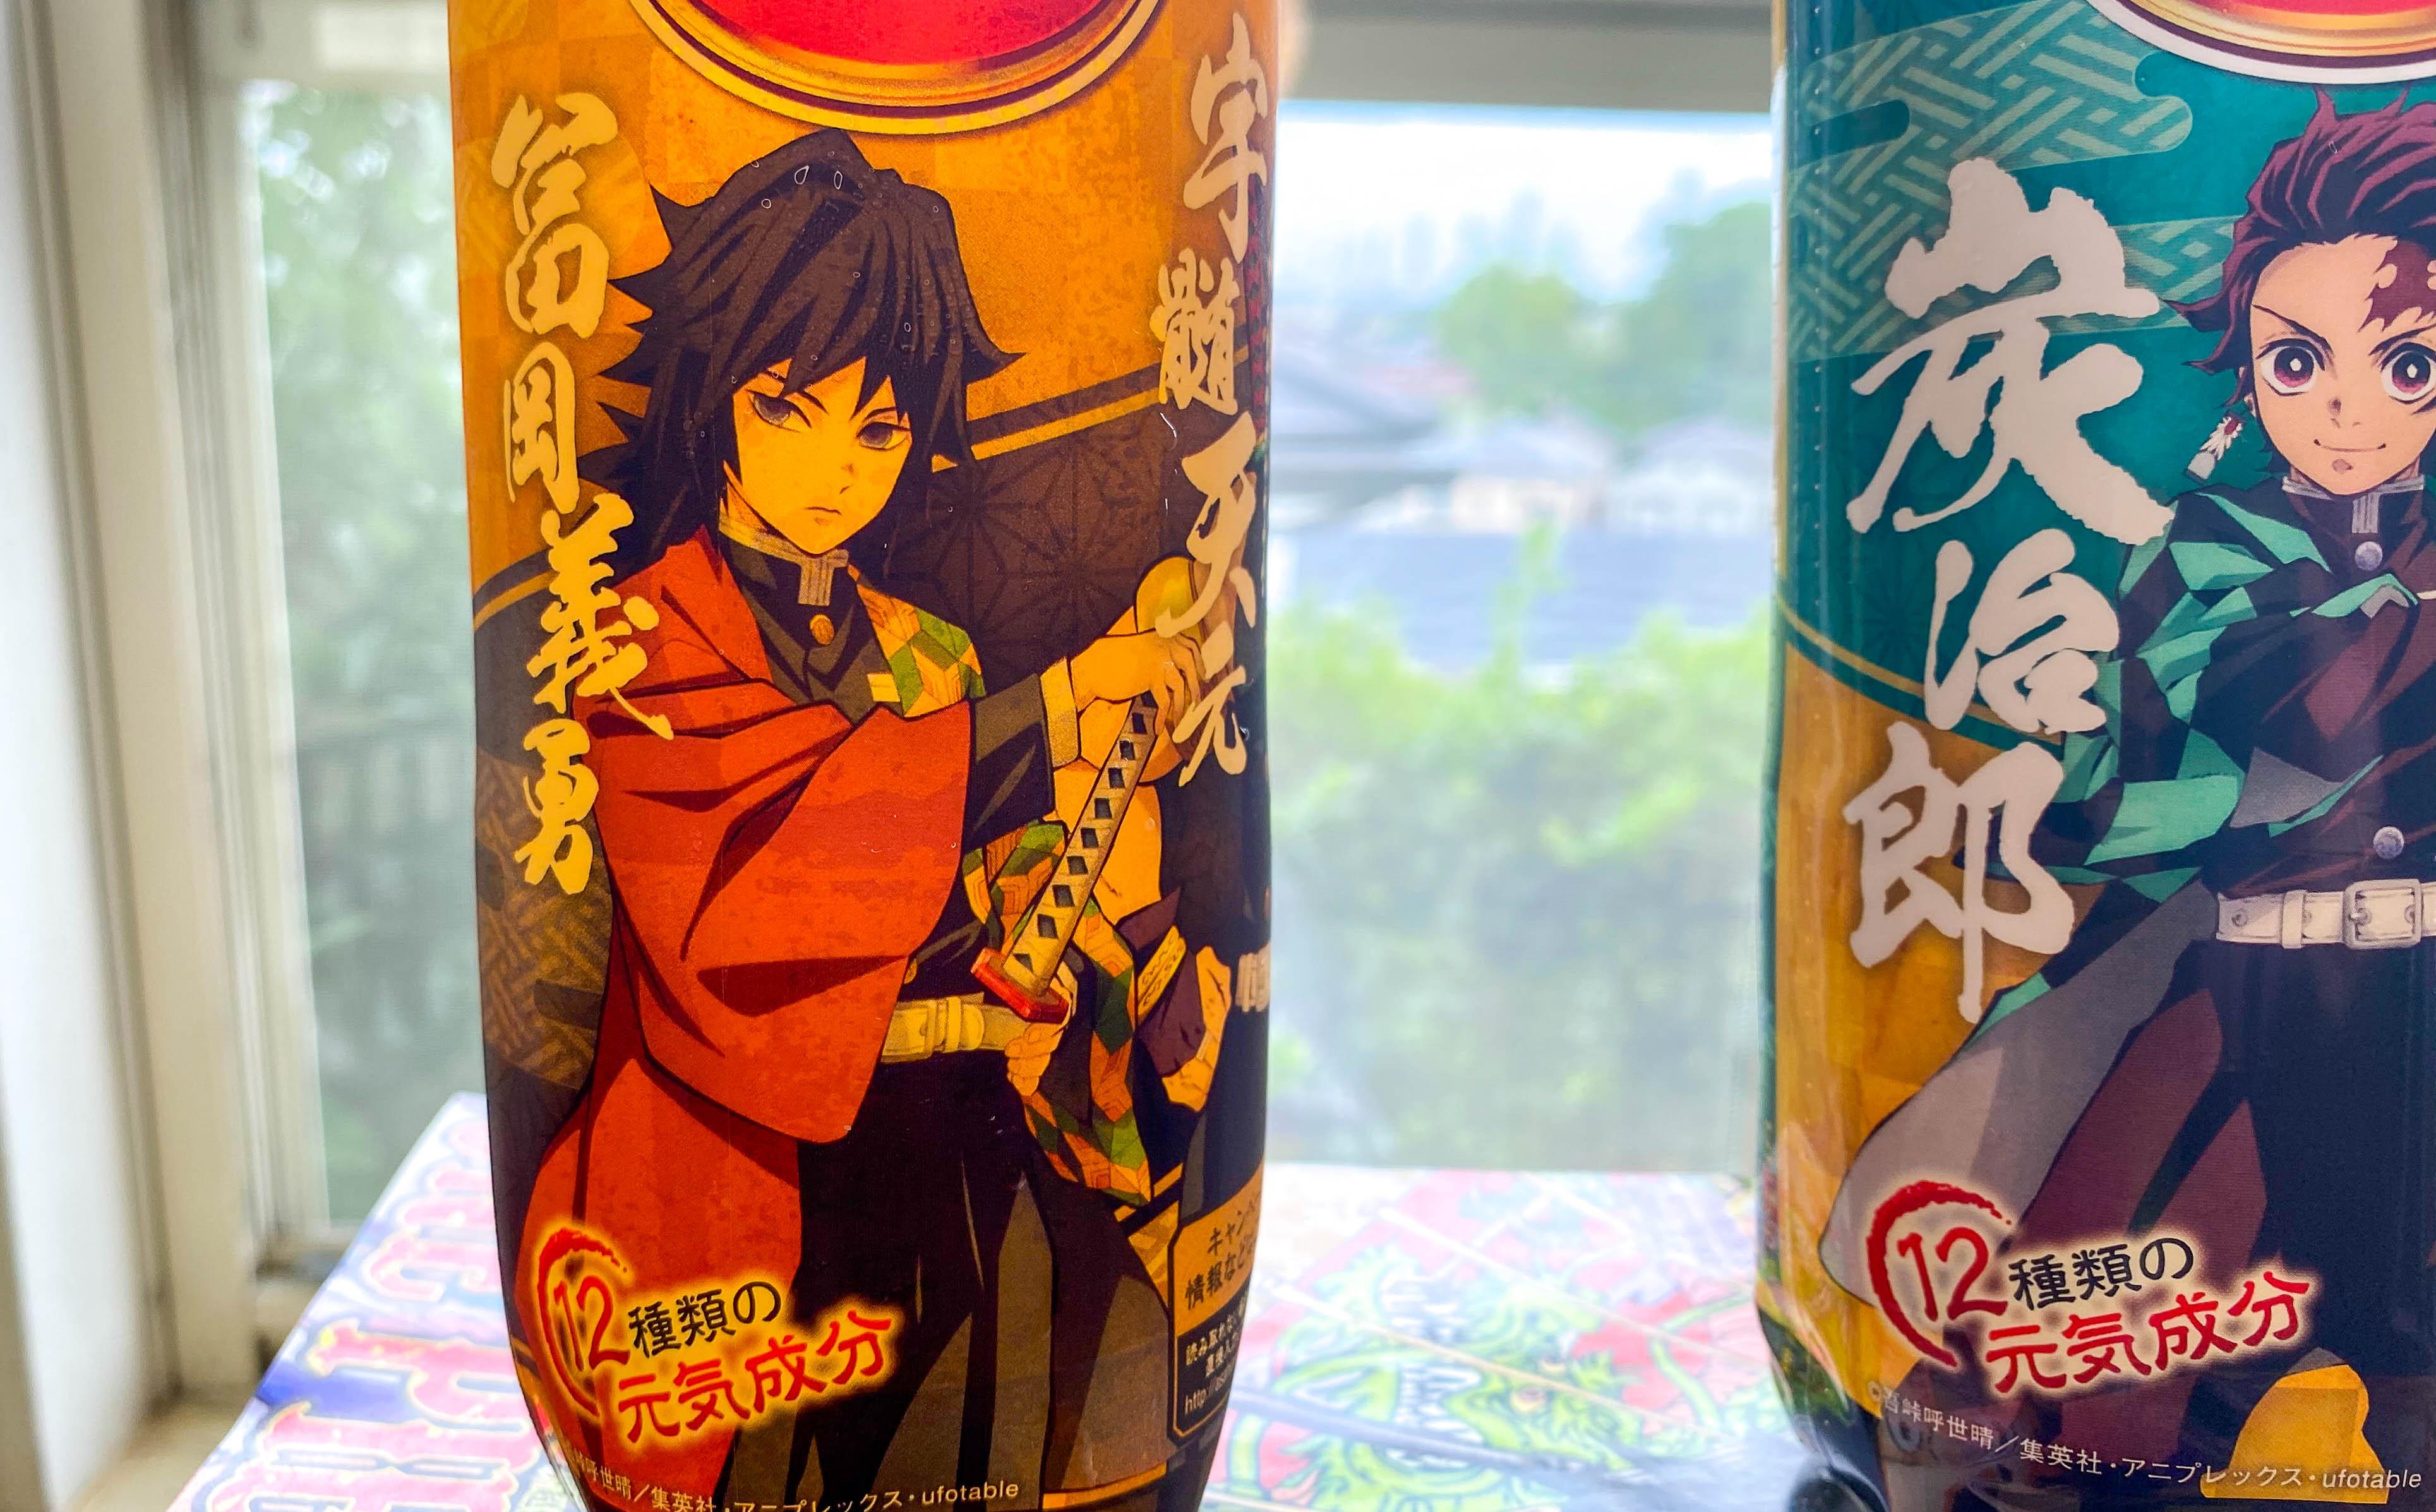 Demon Slayer: Kimetsu no Yaibacarbonated energy drink